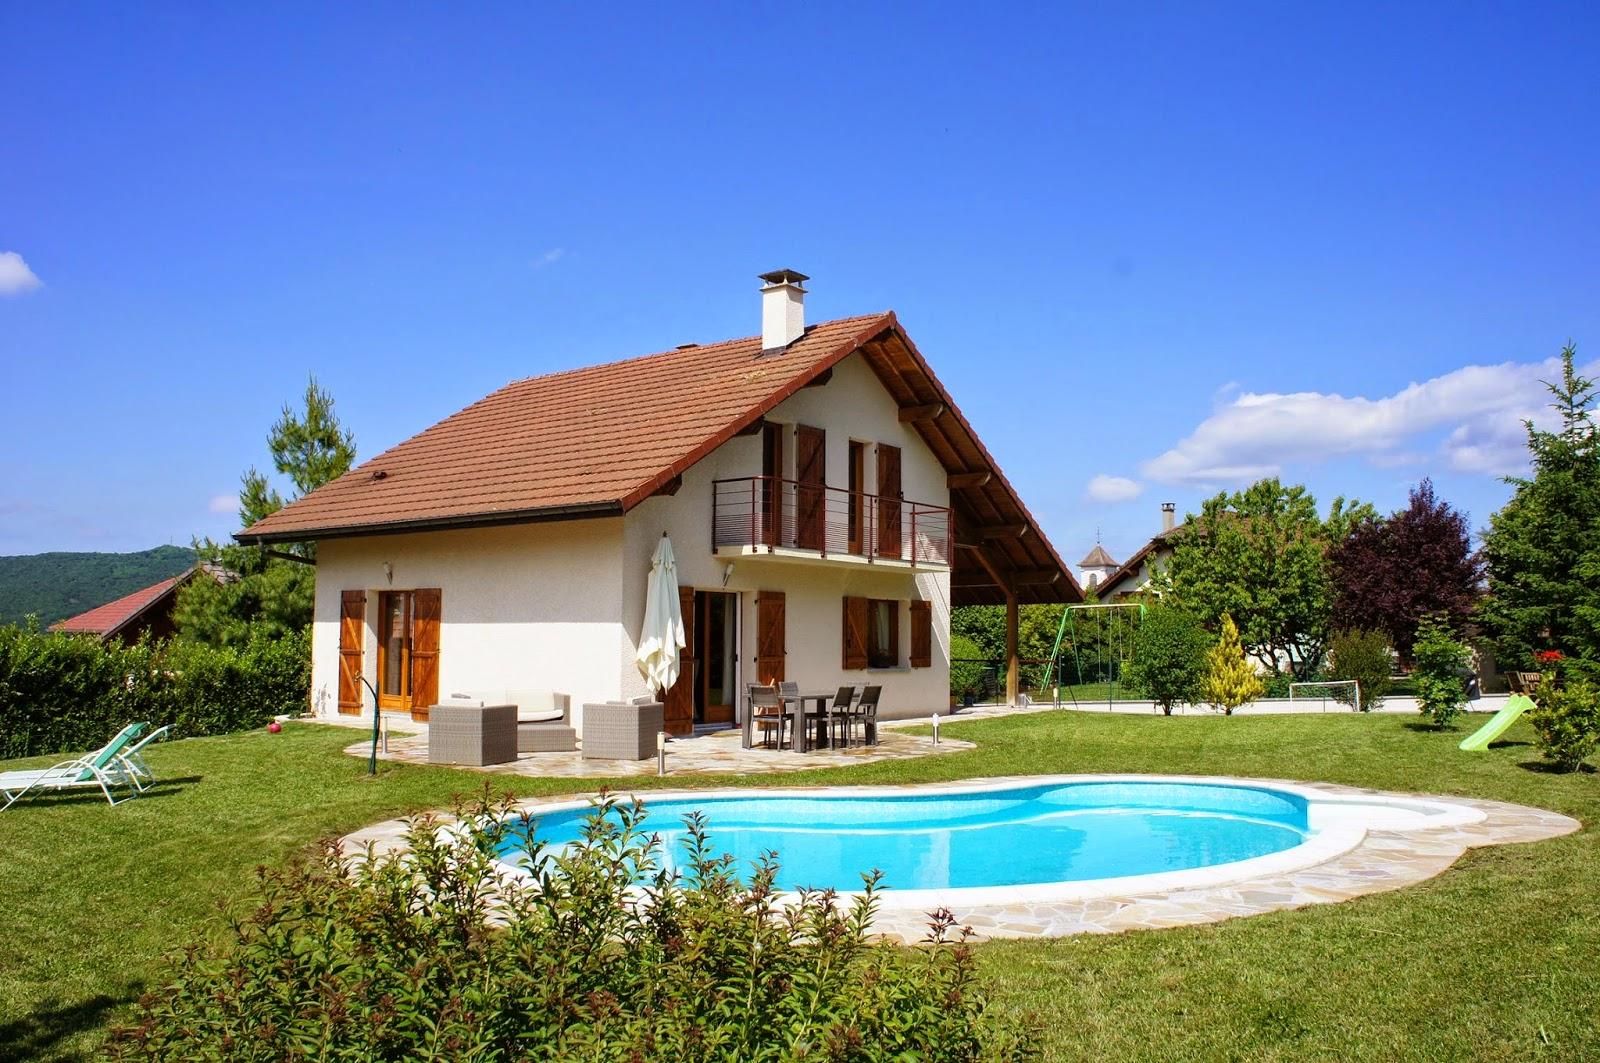 A vendre maison avec studio proche d 39 annecy et gen ve for Annecy maison